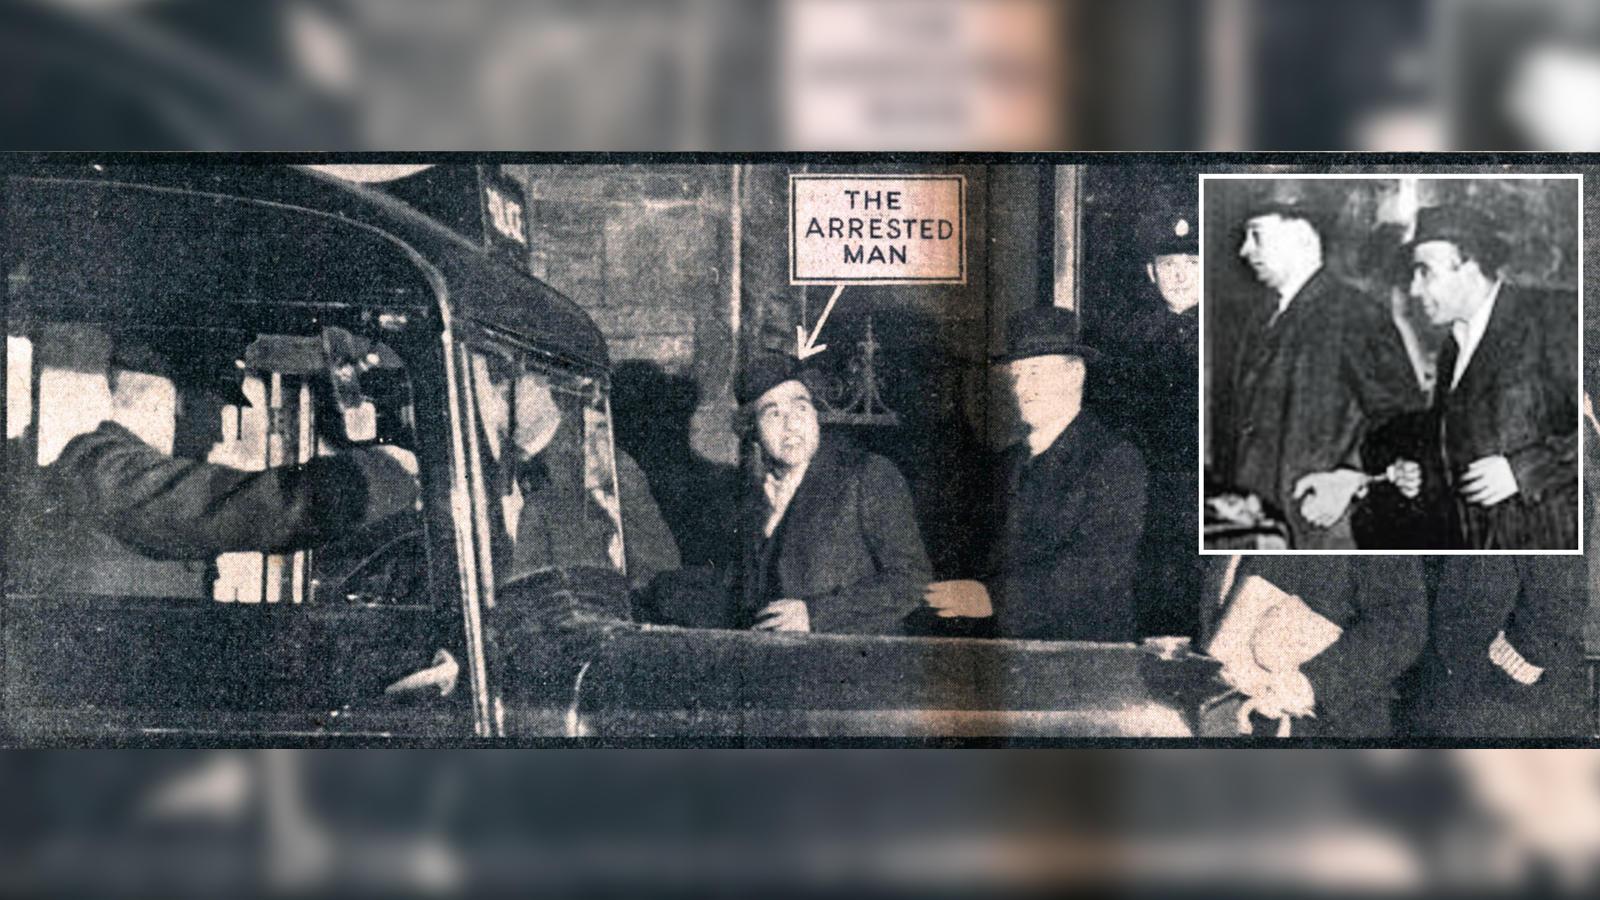 Március 14, 1940: Udham Singh helyett a Hull Daily Mail brit újság bejelentette, hogy egy bizonyos Mohamed Singh Azadot letartóztattak a helyszínen. A neve miatt zavart egy ideig